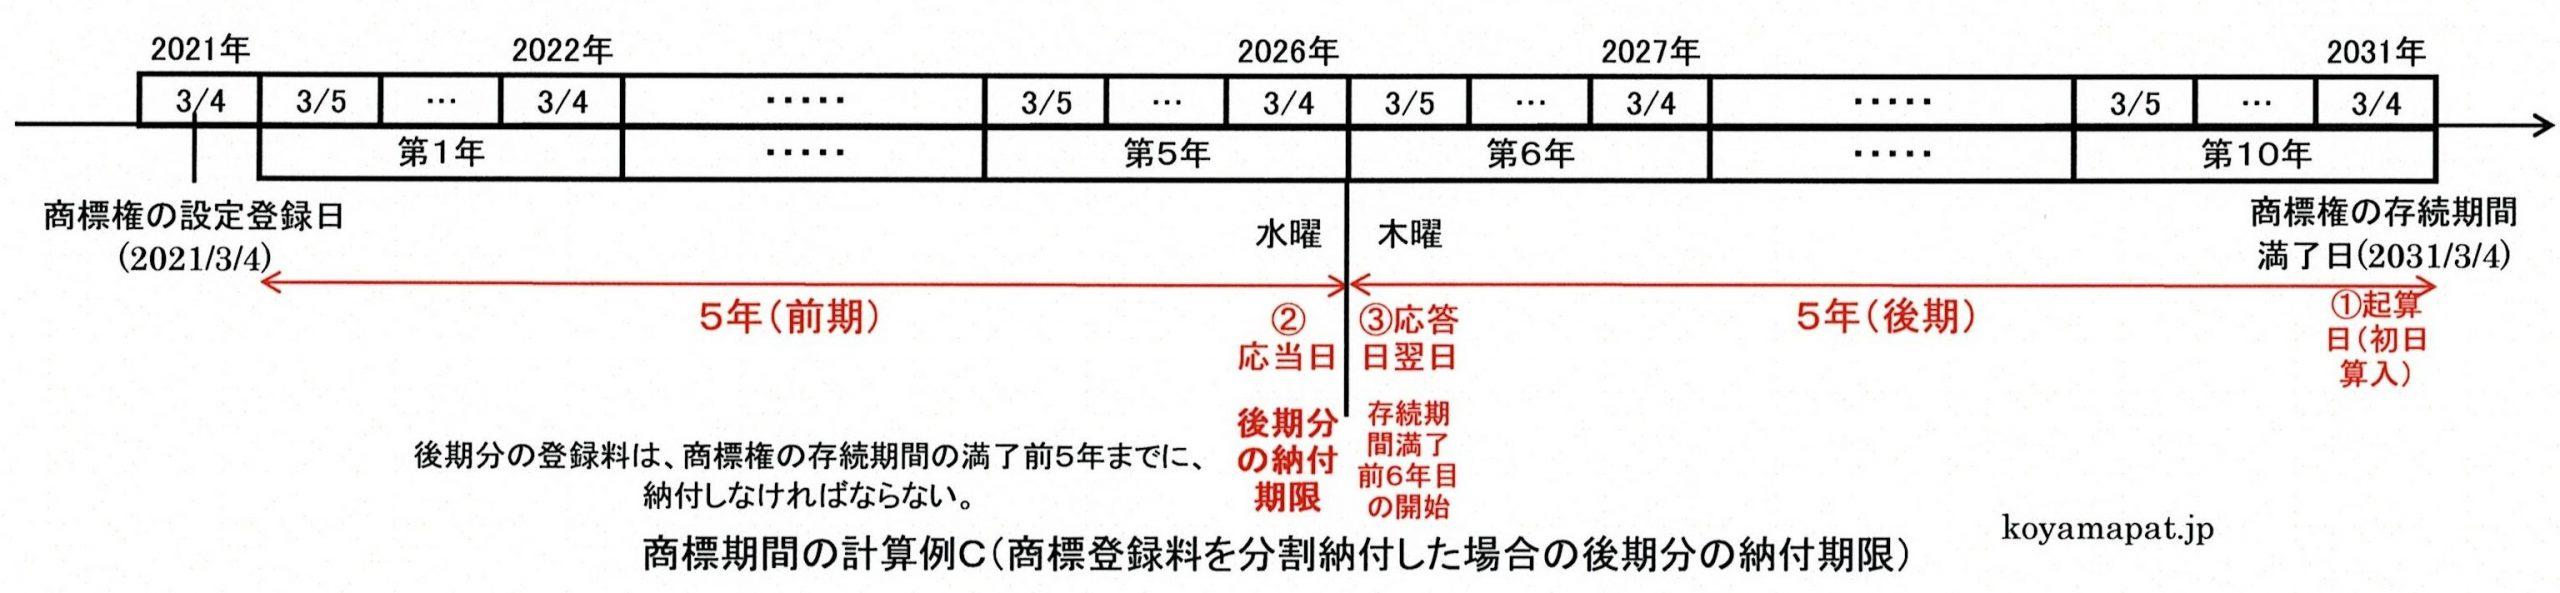 商標期間の計算例C(商標登録料を分割納付した場合の後期分の納付期限):存続期間満了前5年まで